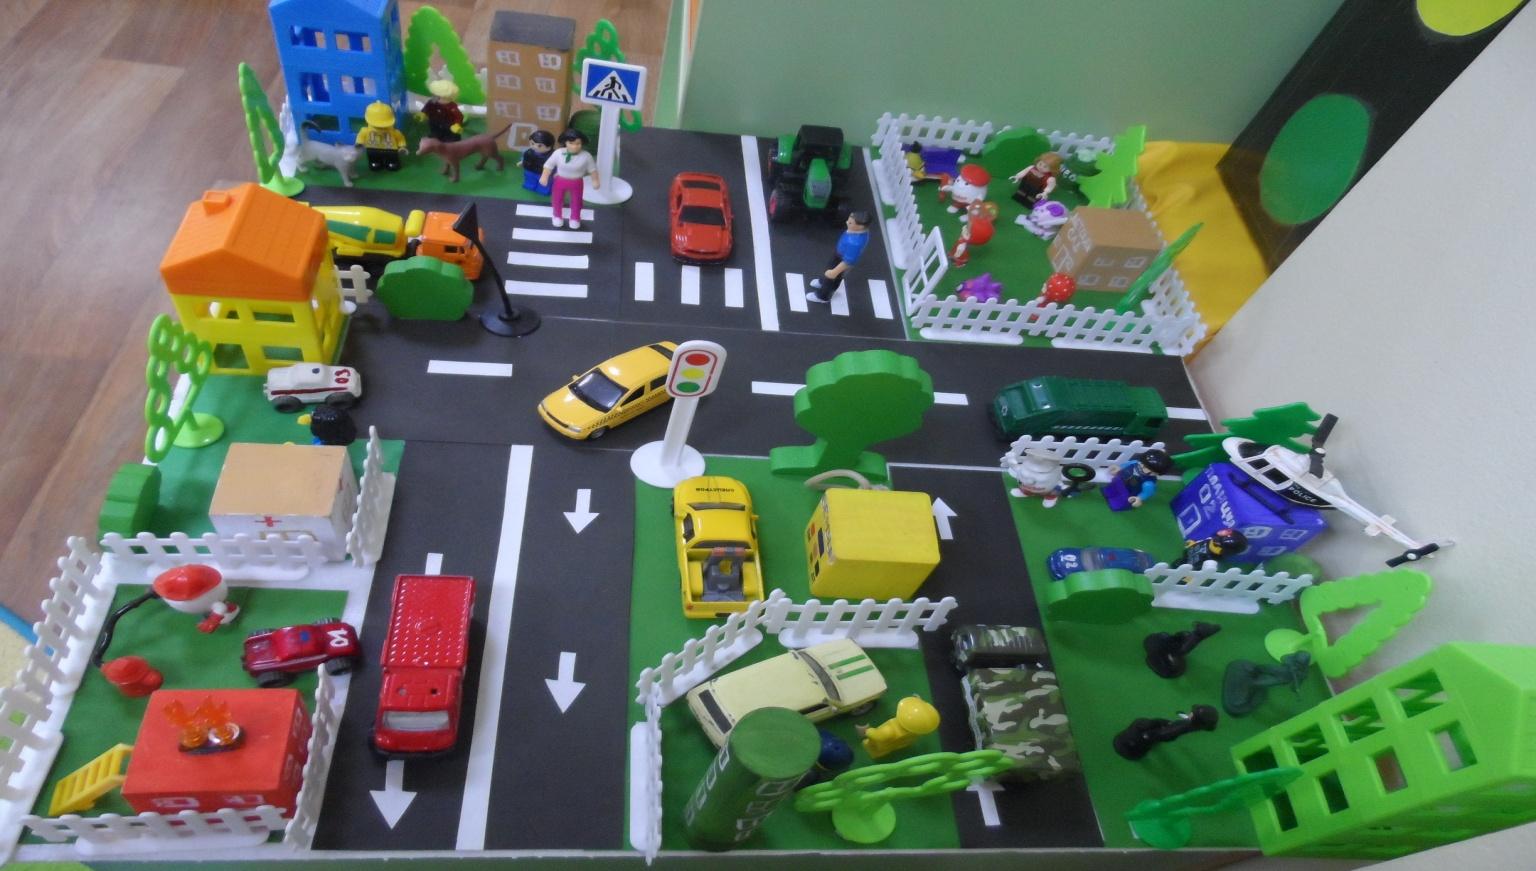 Поделка на тему дорожного движения Женский сайт: советы и рекомендации 17